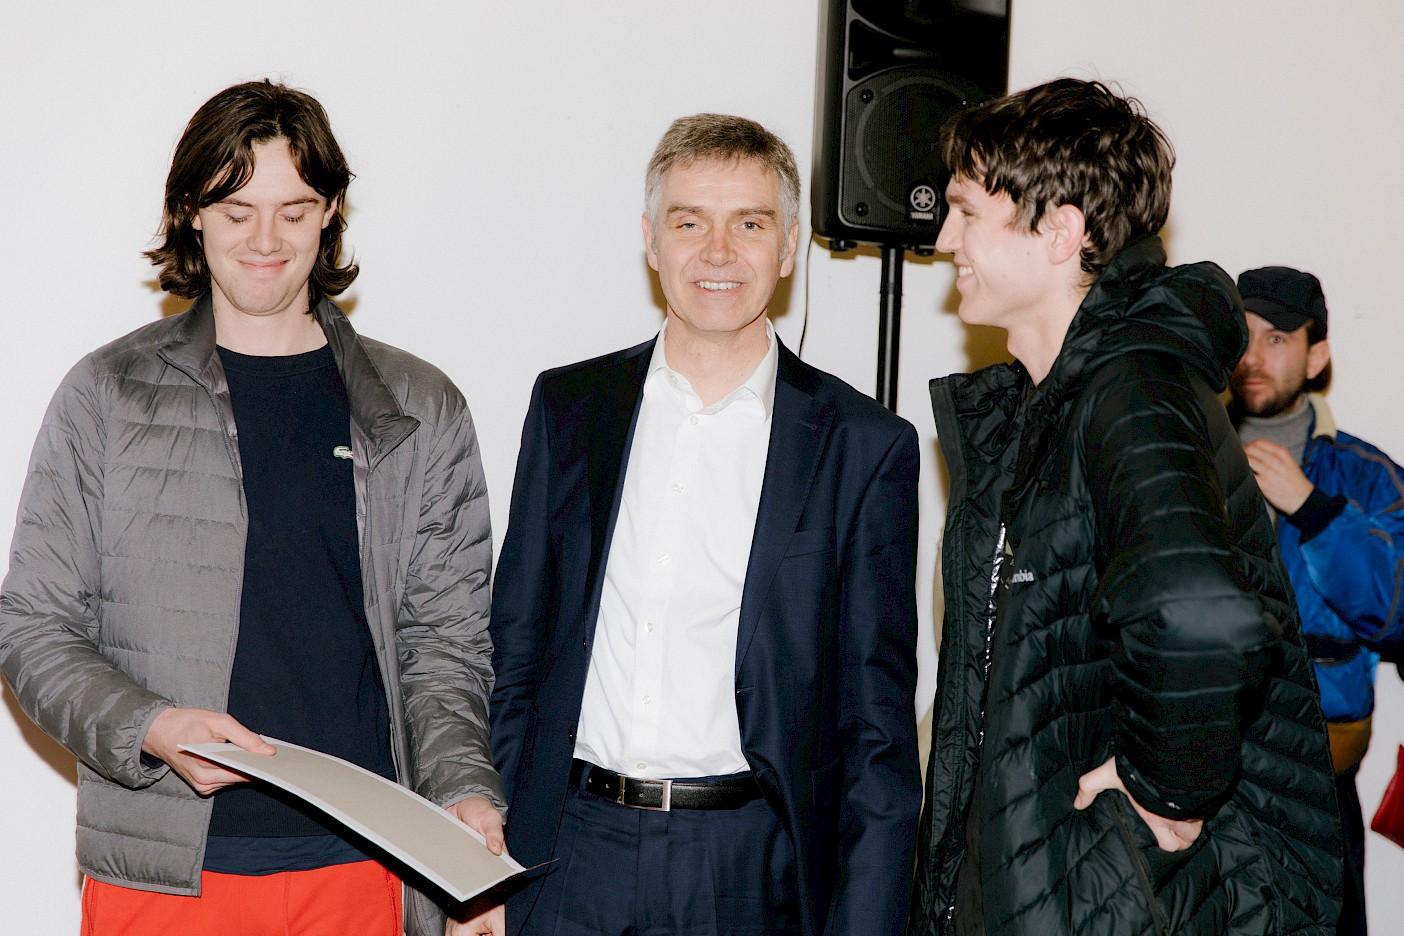 Albert Dietrich und Julian Krause bekommen den Preis der Landwirtschaftlichen Rentenbank von Peter Mirz übergeben